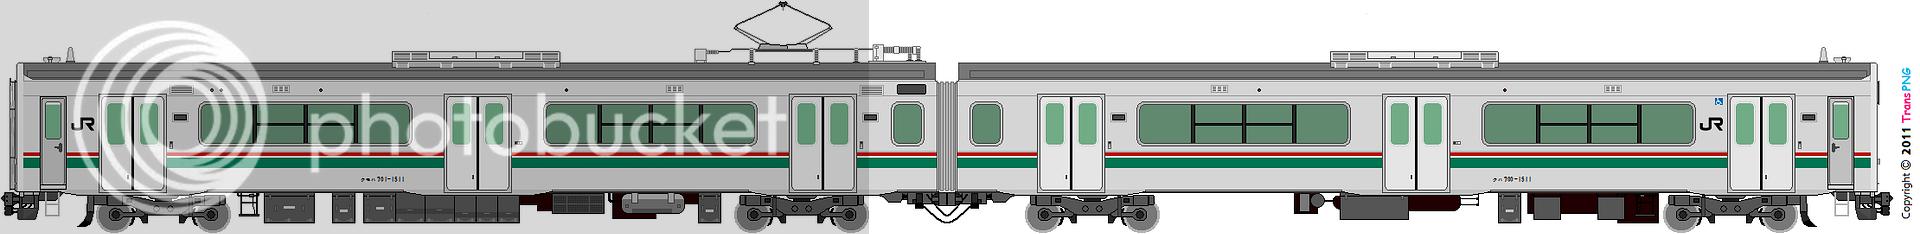 鐵路列車 2267